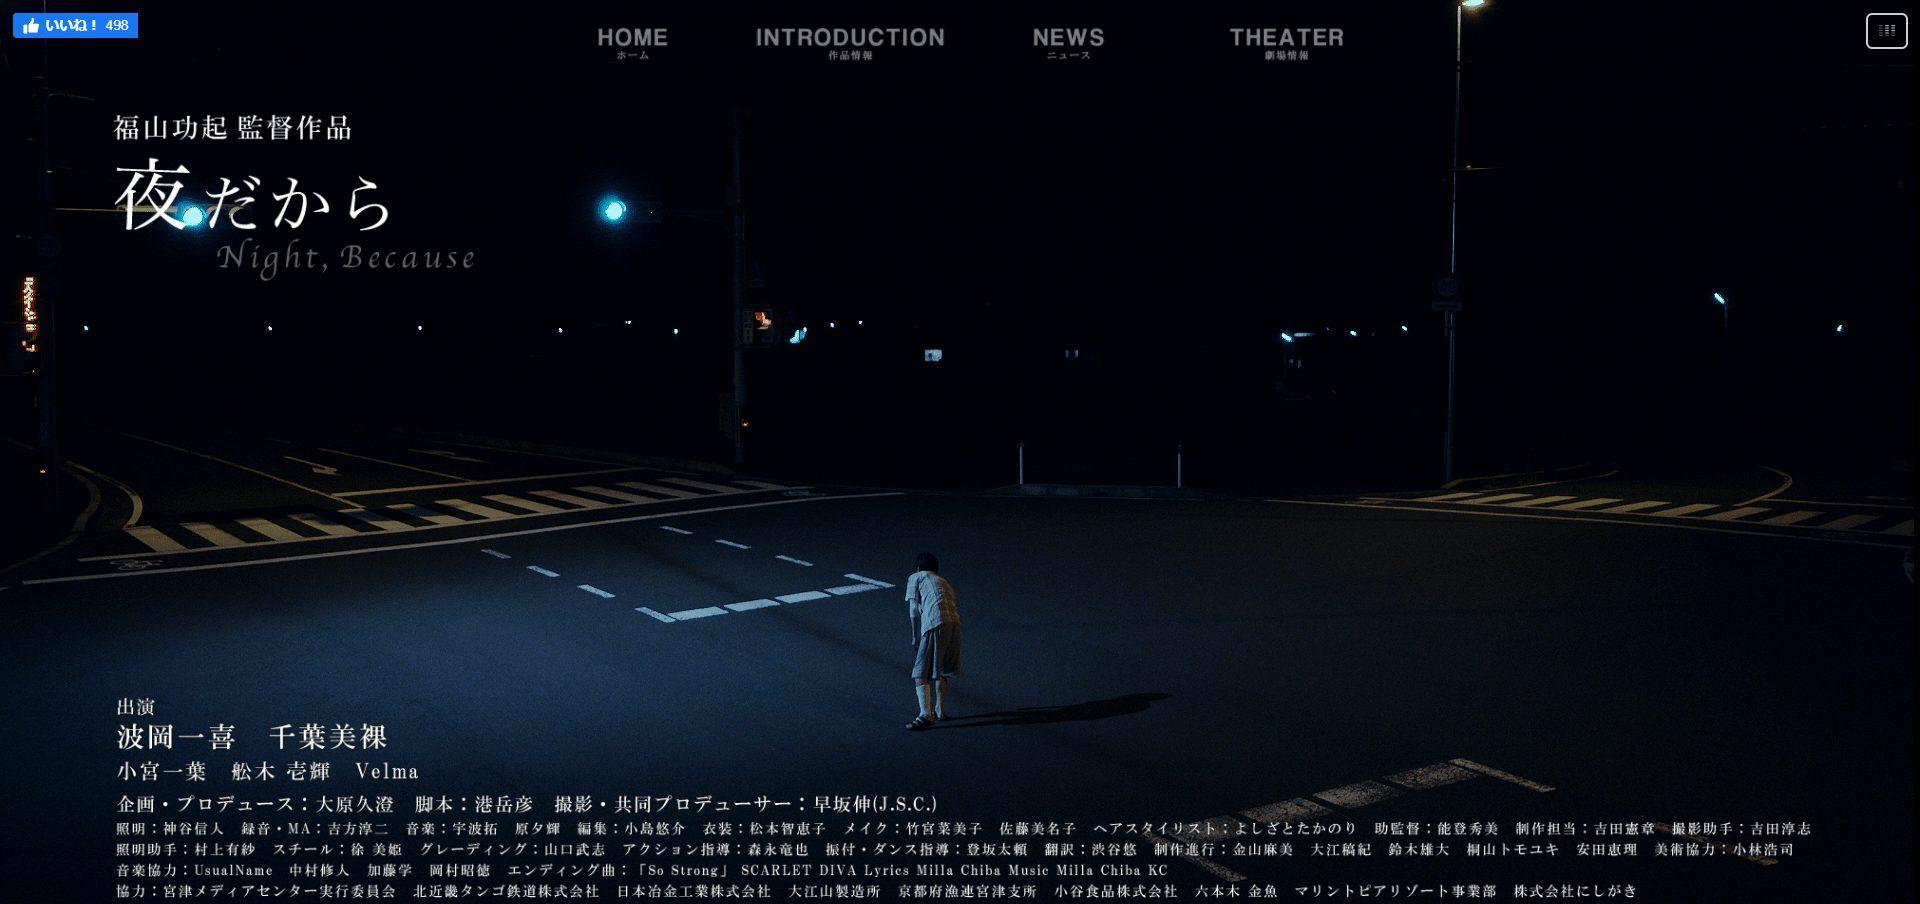 過去実績事例|ウェブ制作|映画『夜だから』・Night, Because|VICENTE | ウェブ制作、ニューヨーク、ウェブデザイン、東京、映画、公式サイト、日英語字幕翻訳、オフィシャルサイト|web design, web development, new york, film, film translation